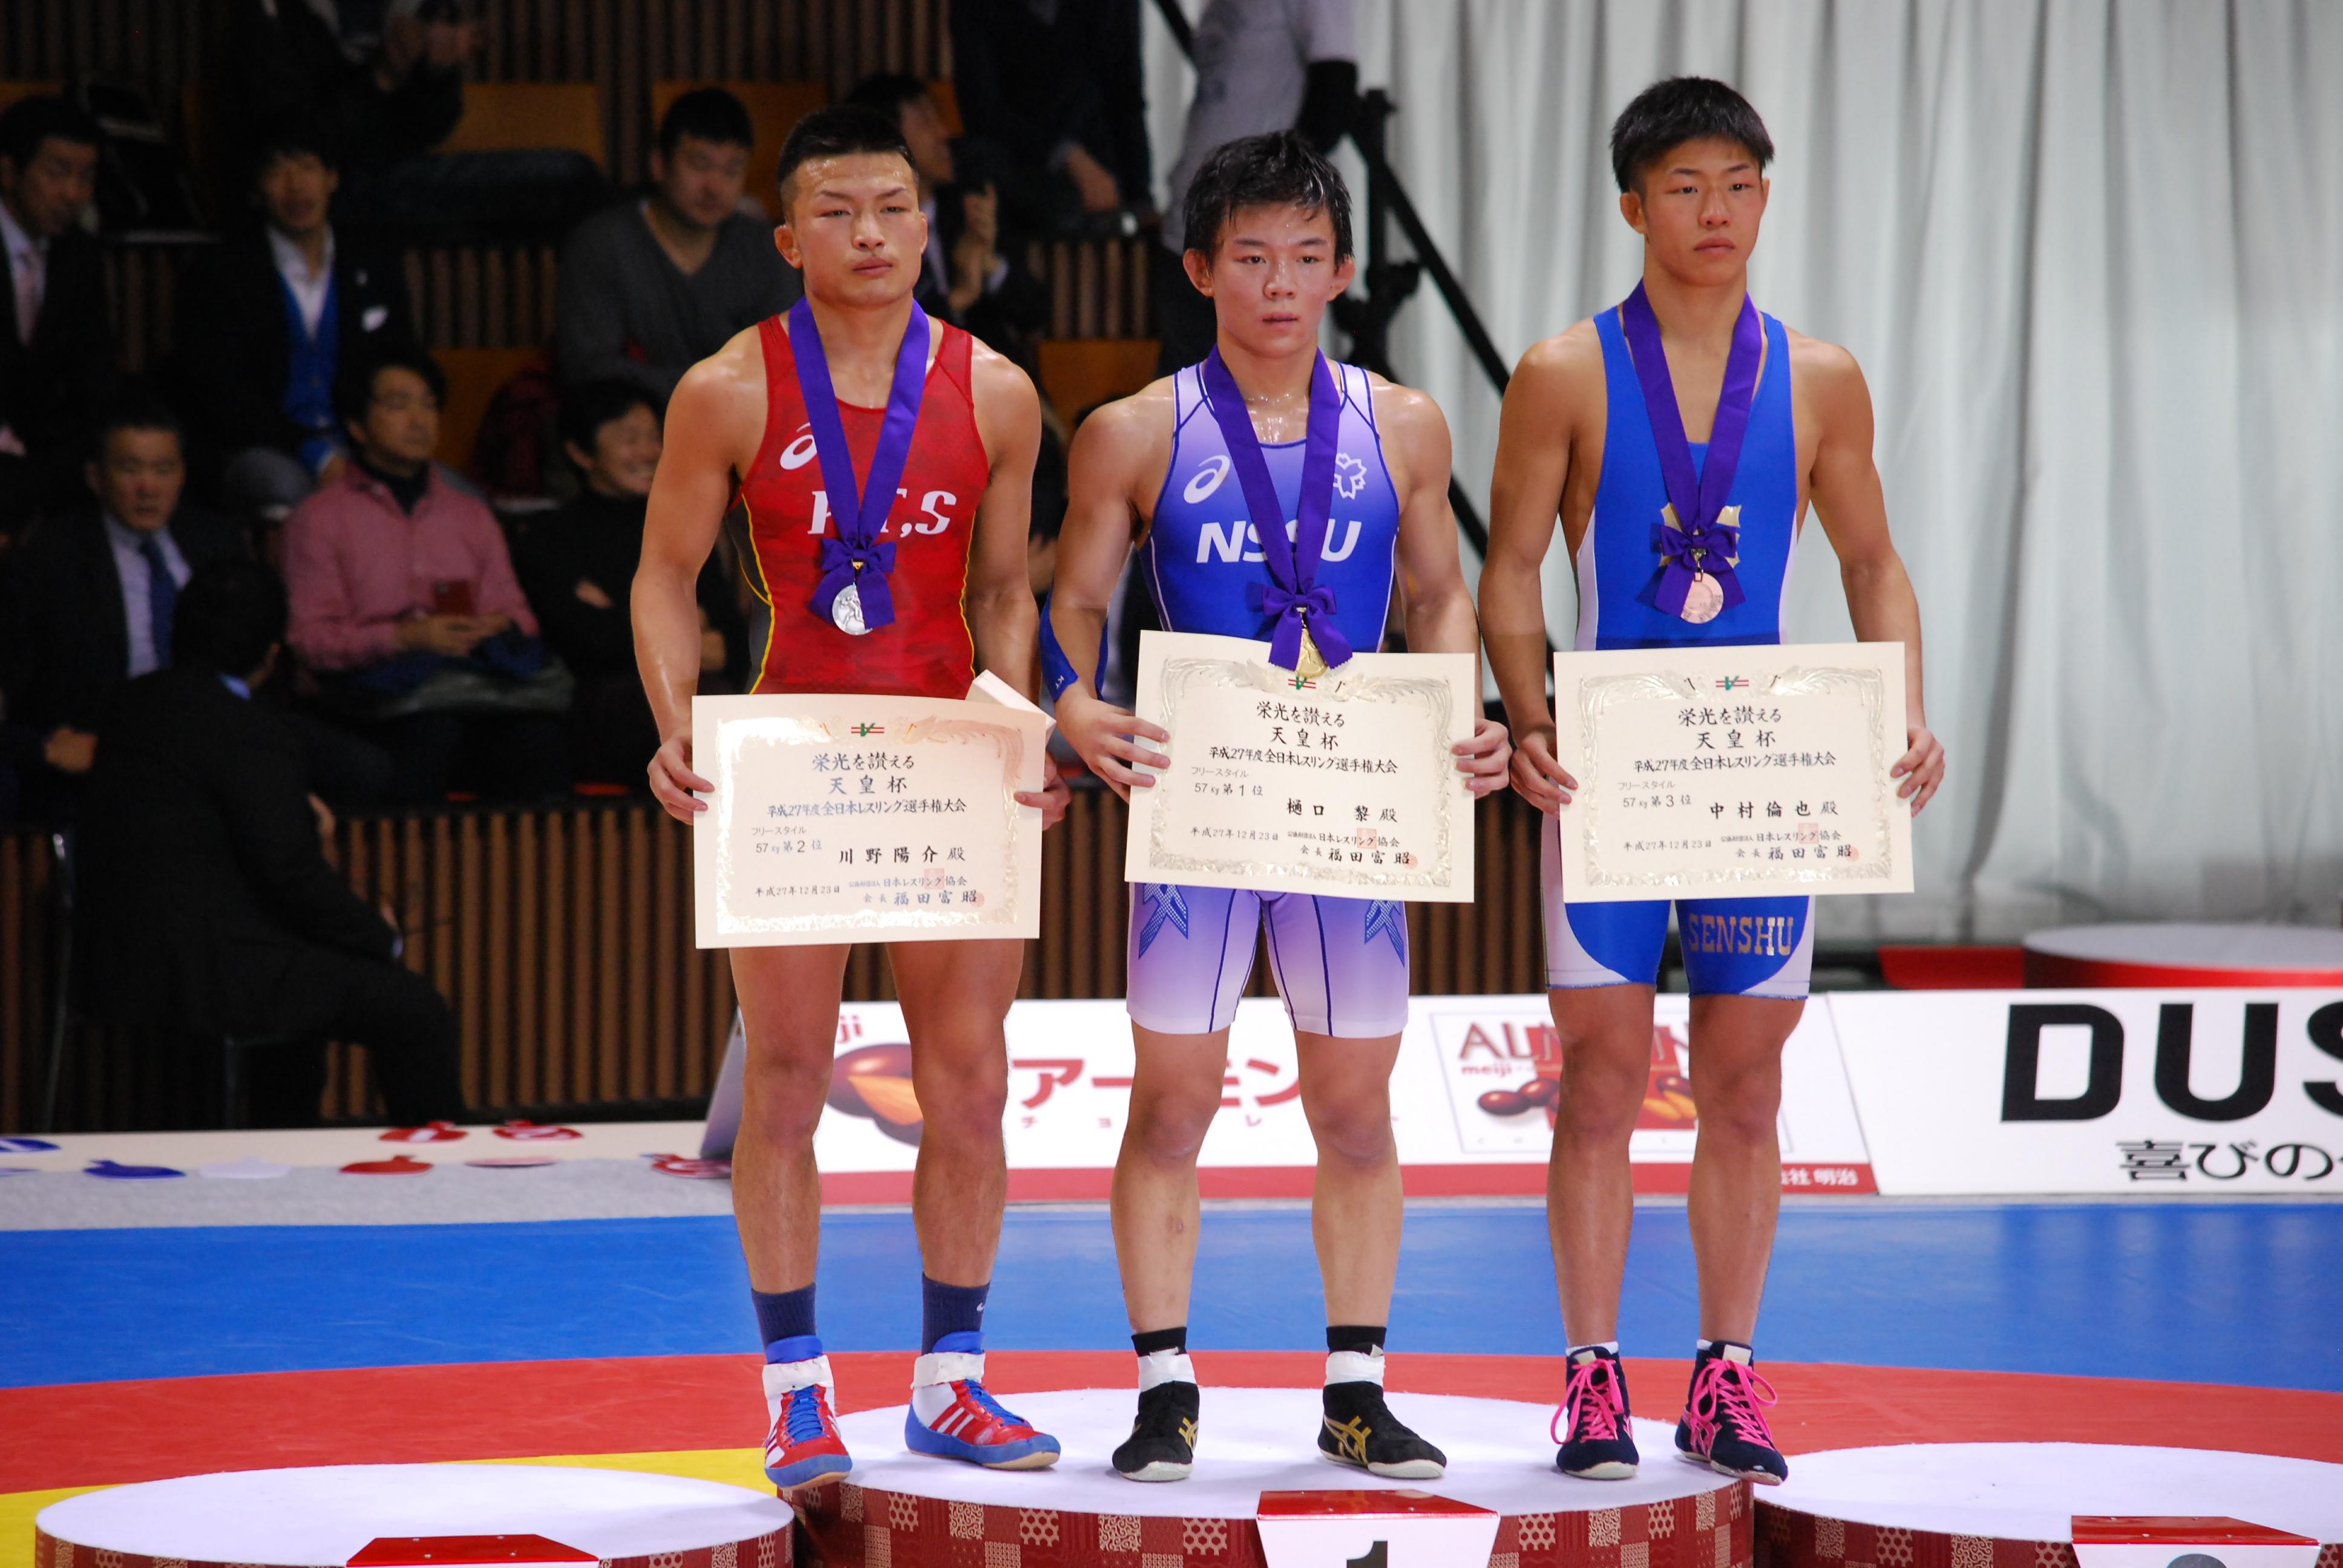 ▲銅メダルをt手にする中村(右側)